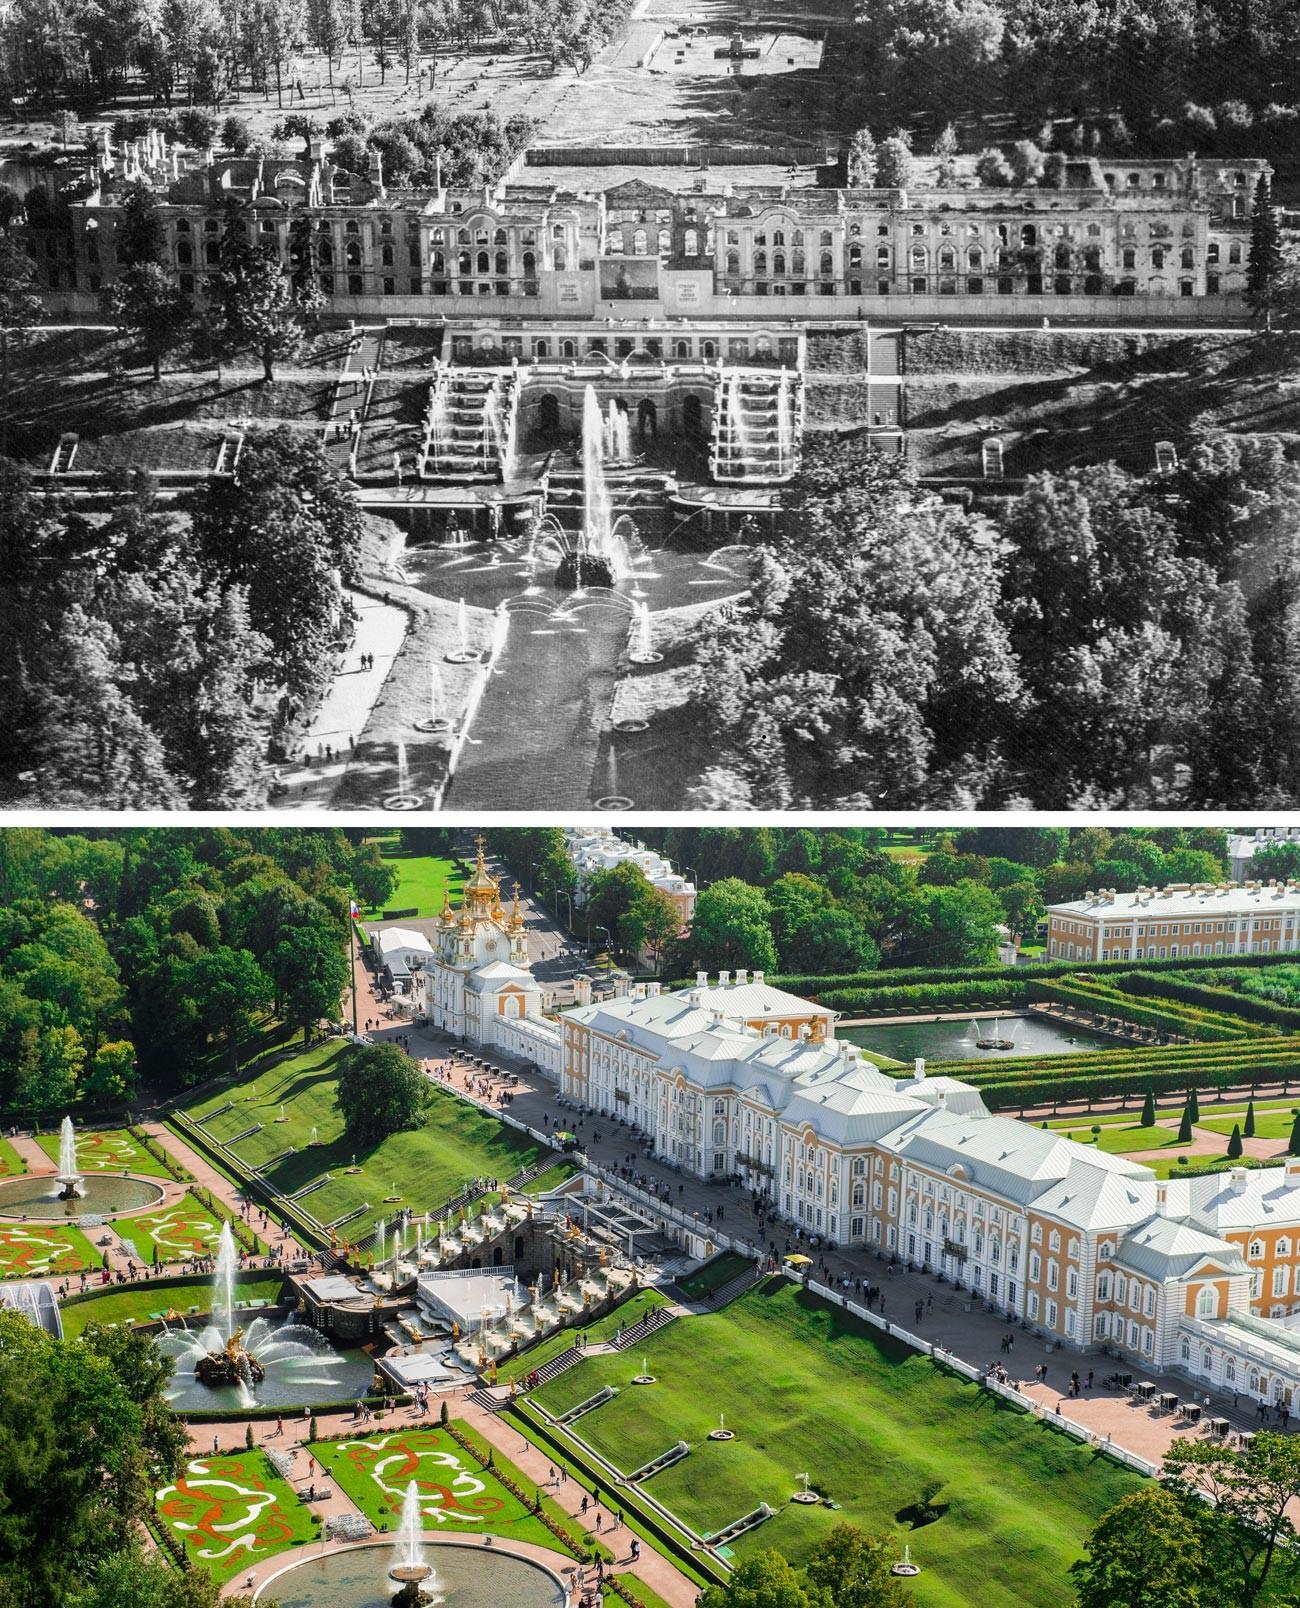 上公園、大宮殿、大滝噴水の眺め。1944年と現在